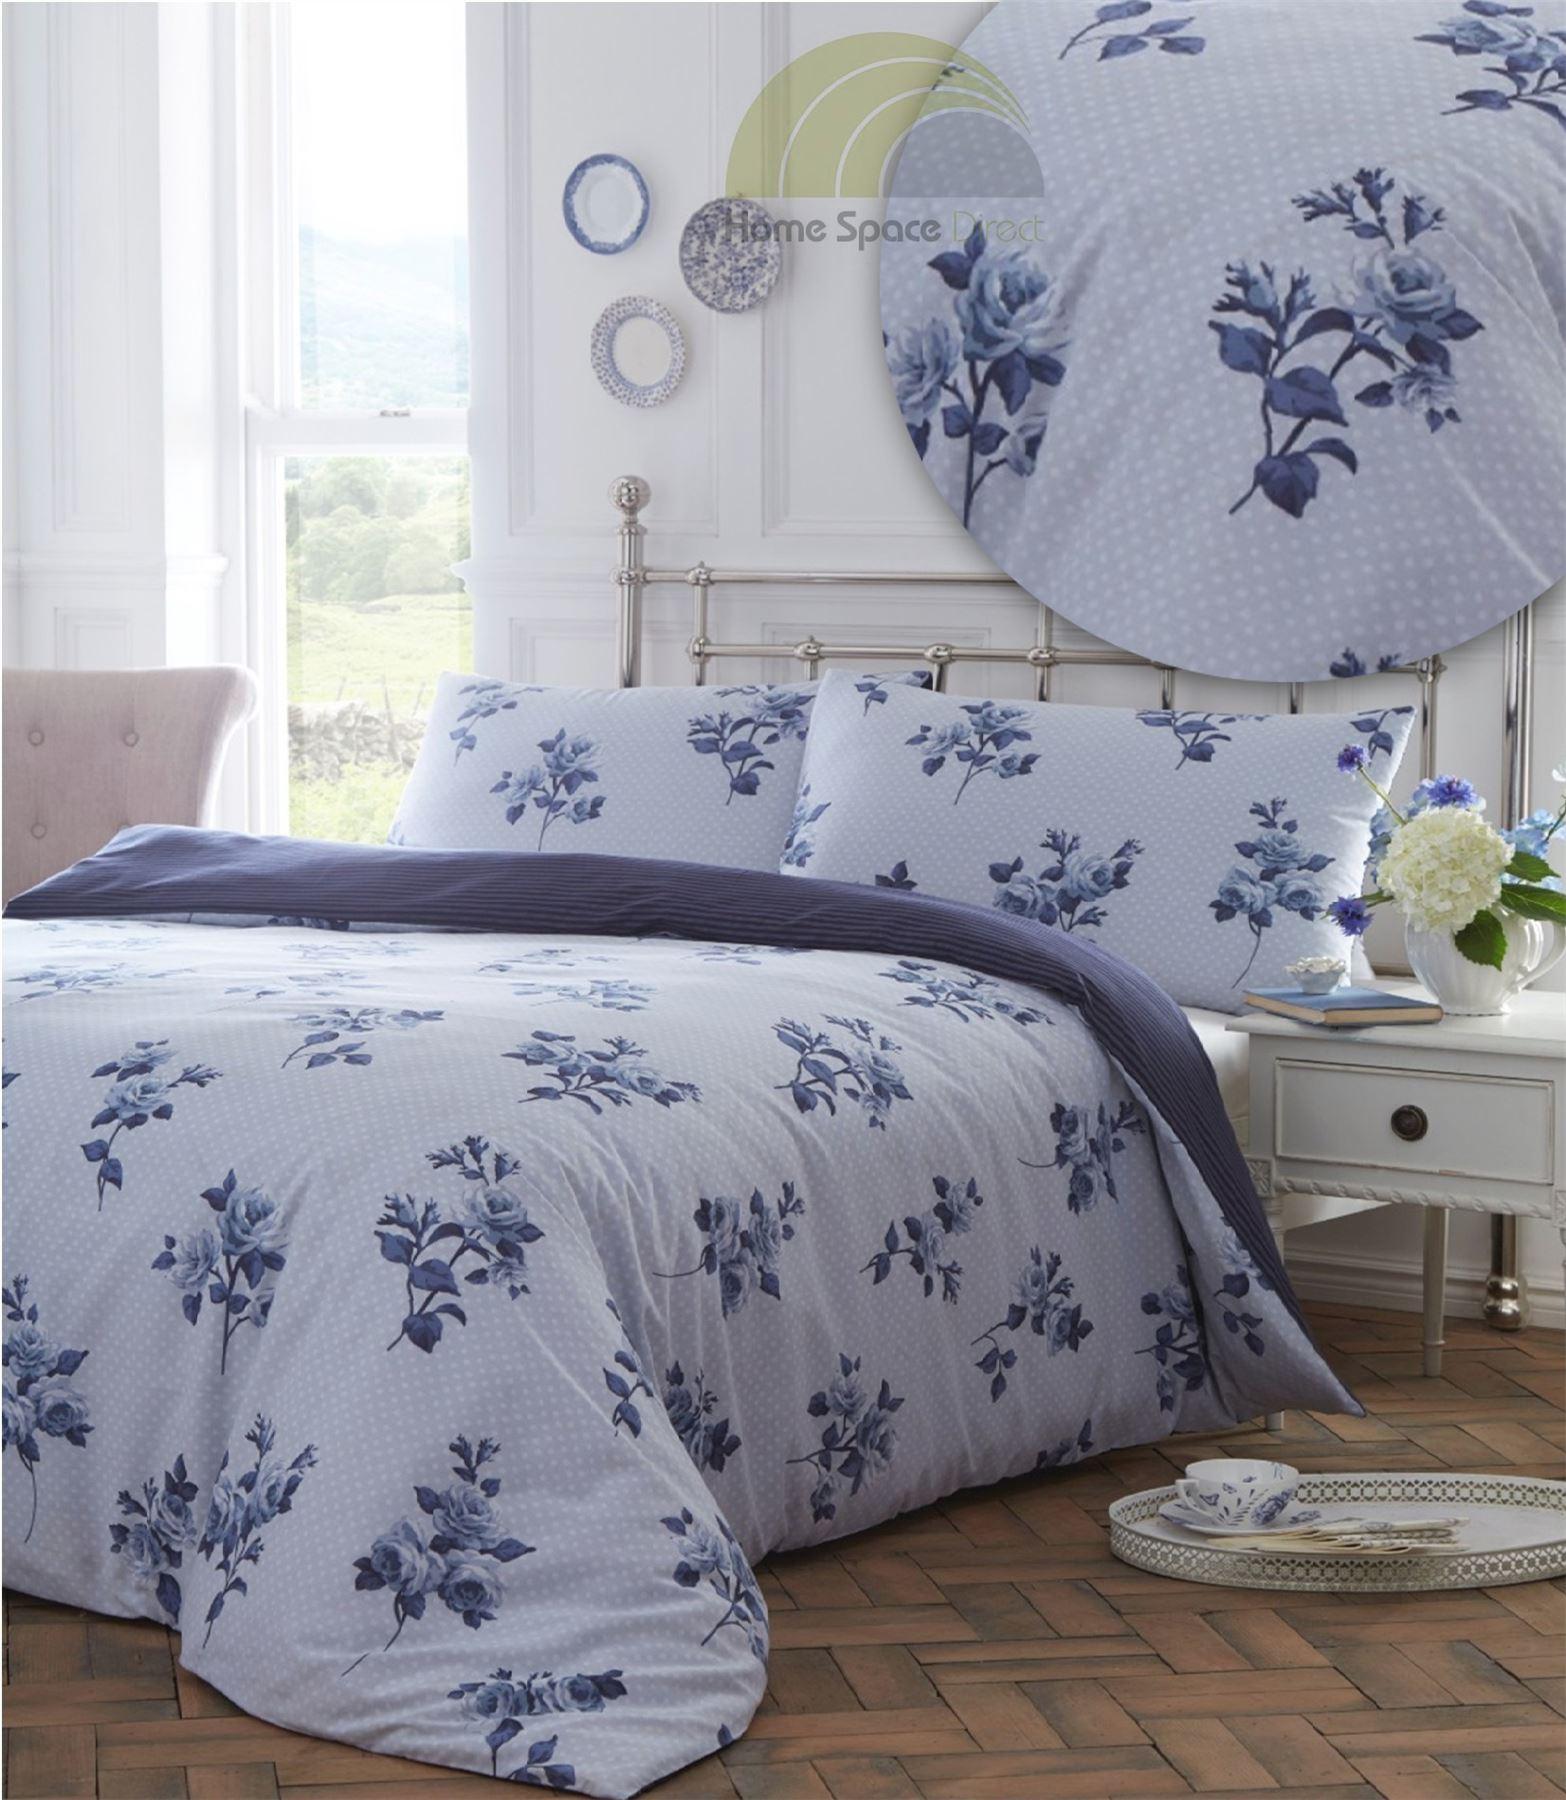 Modern quilt bedding - Floral Modern Quilt Duvet Cover Amp Pillowcase Bedding